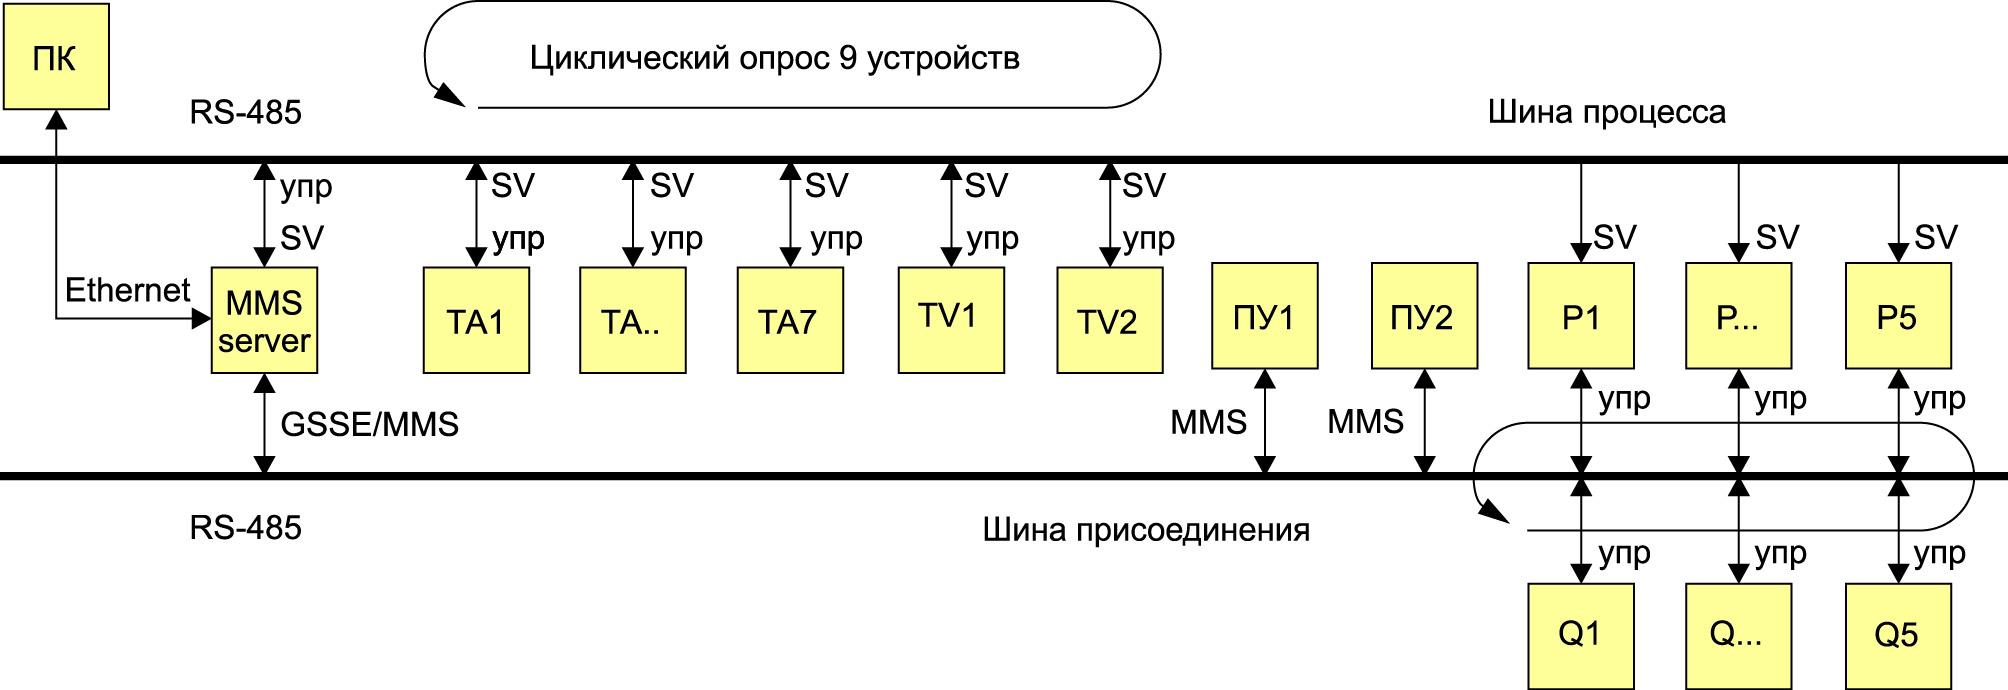 Структурная схема передачи данных